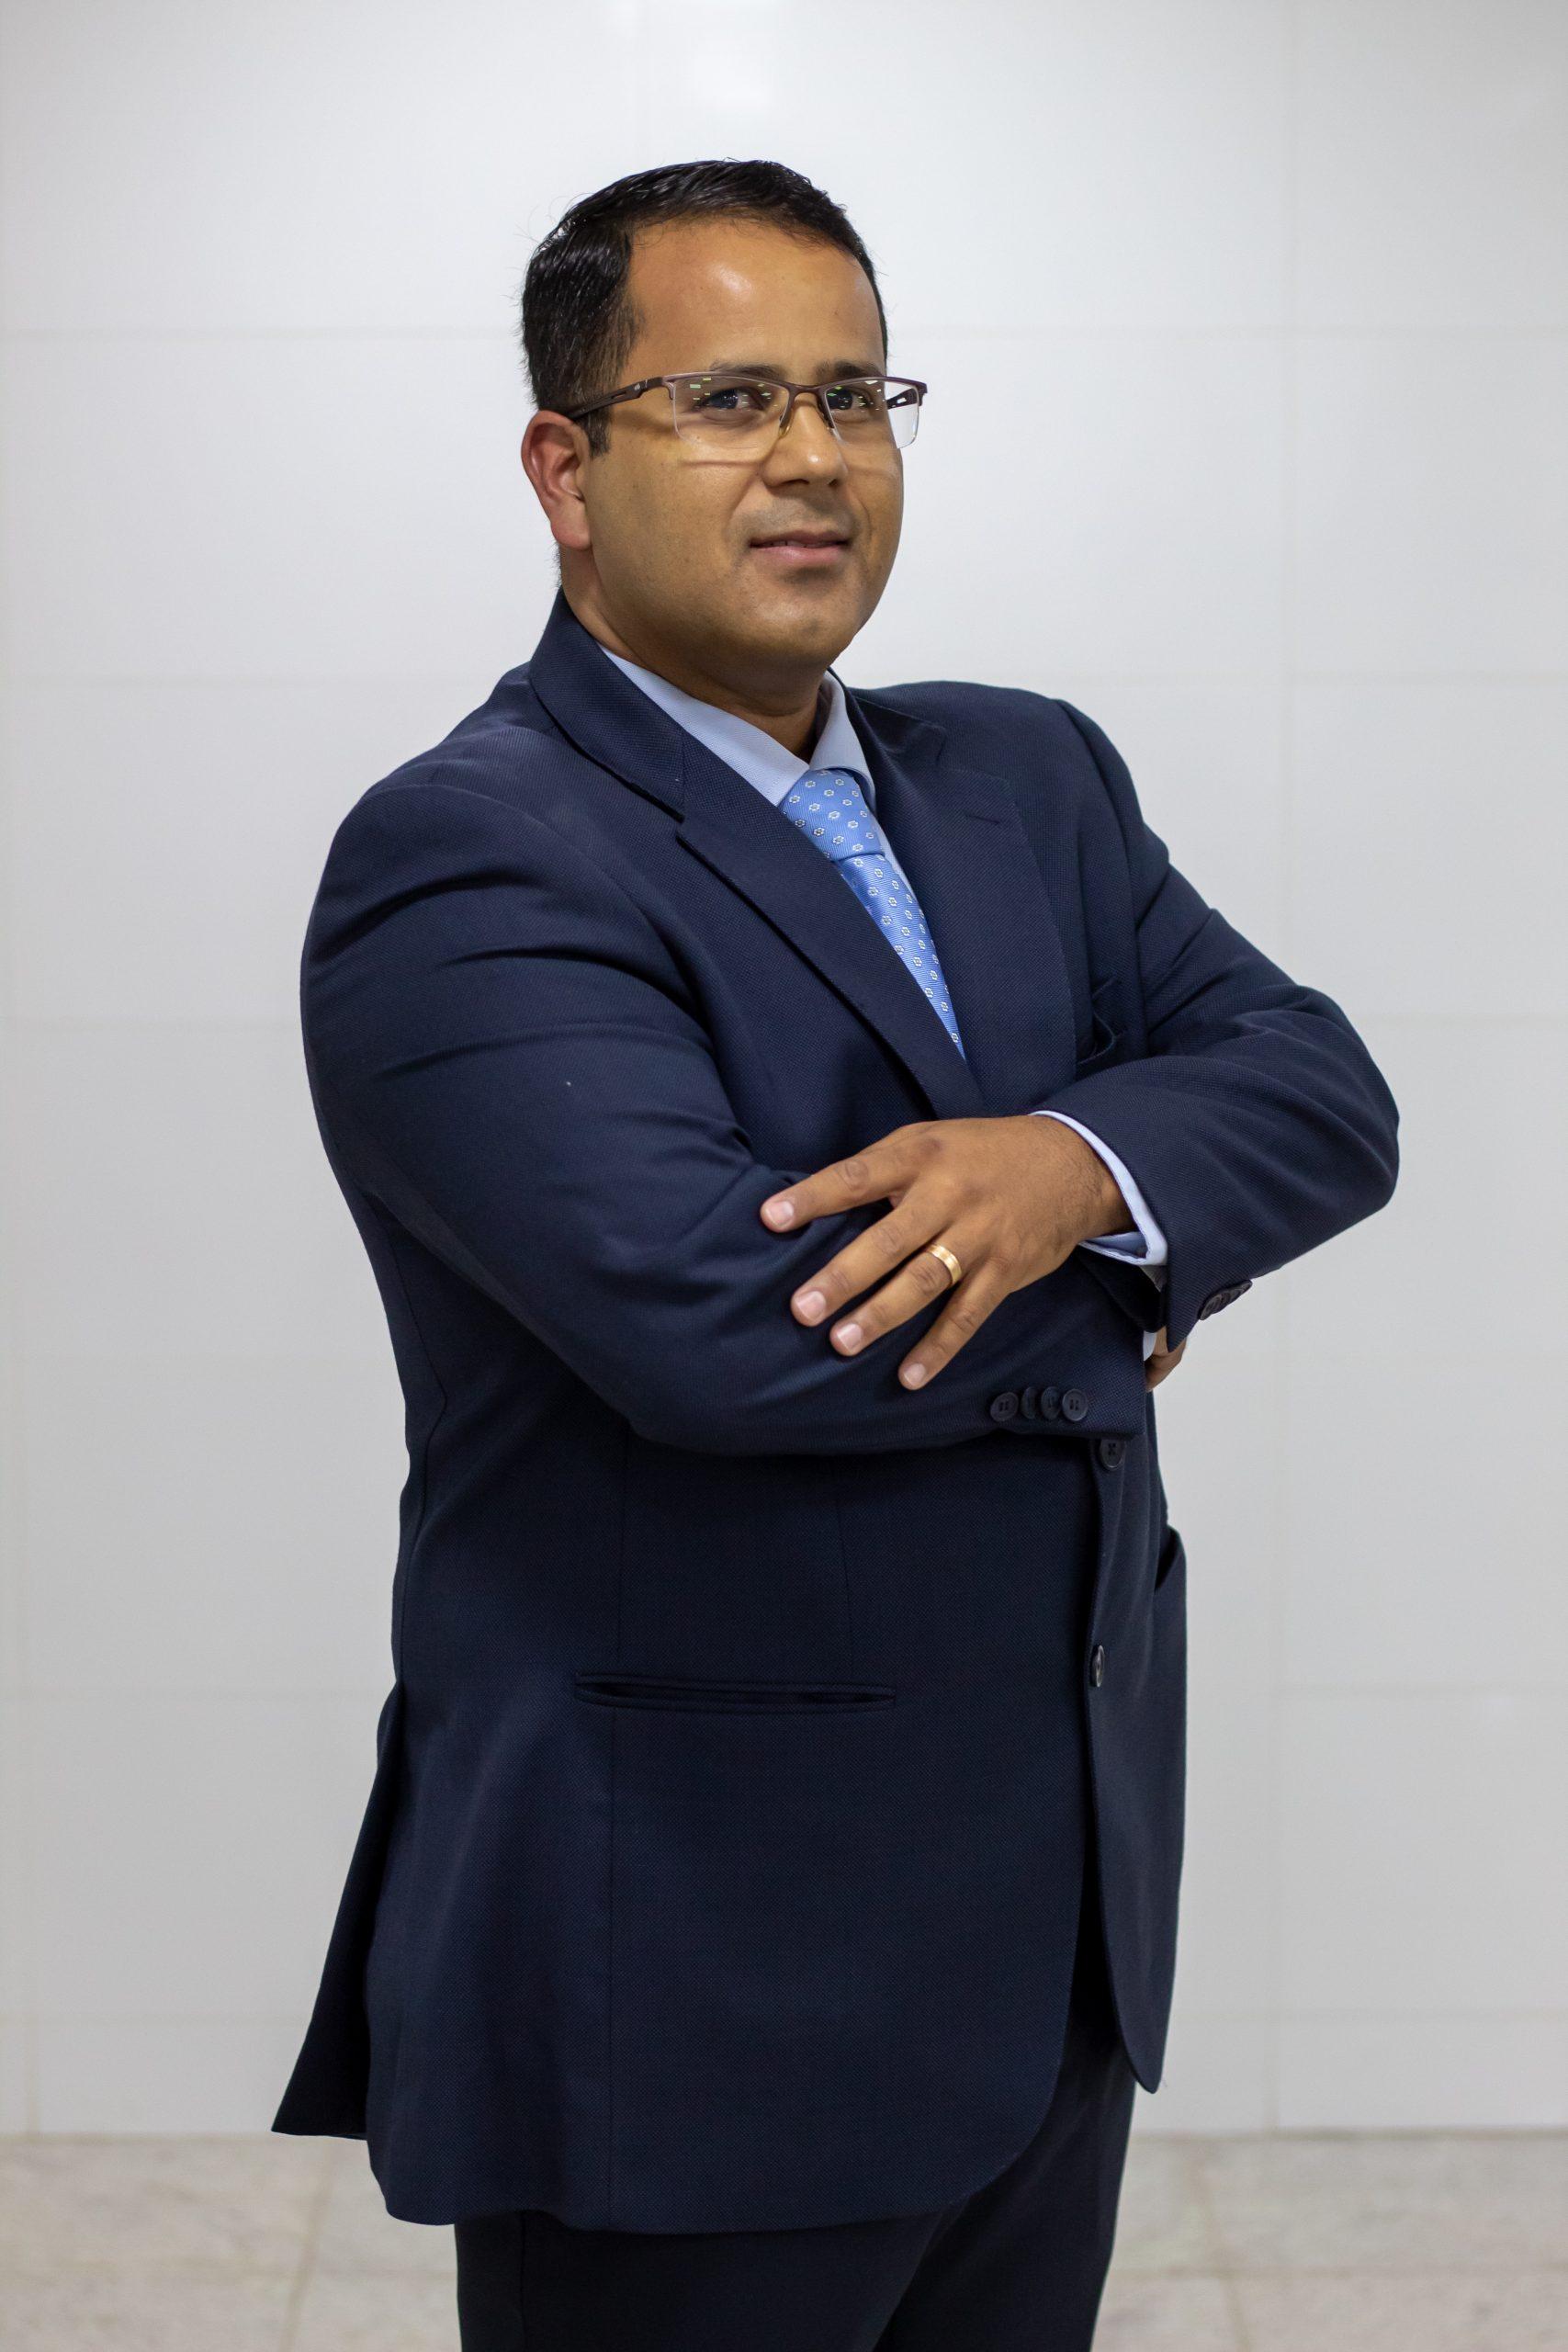 Prof. Esp. Eduardo da Silva Sena